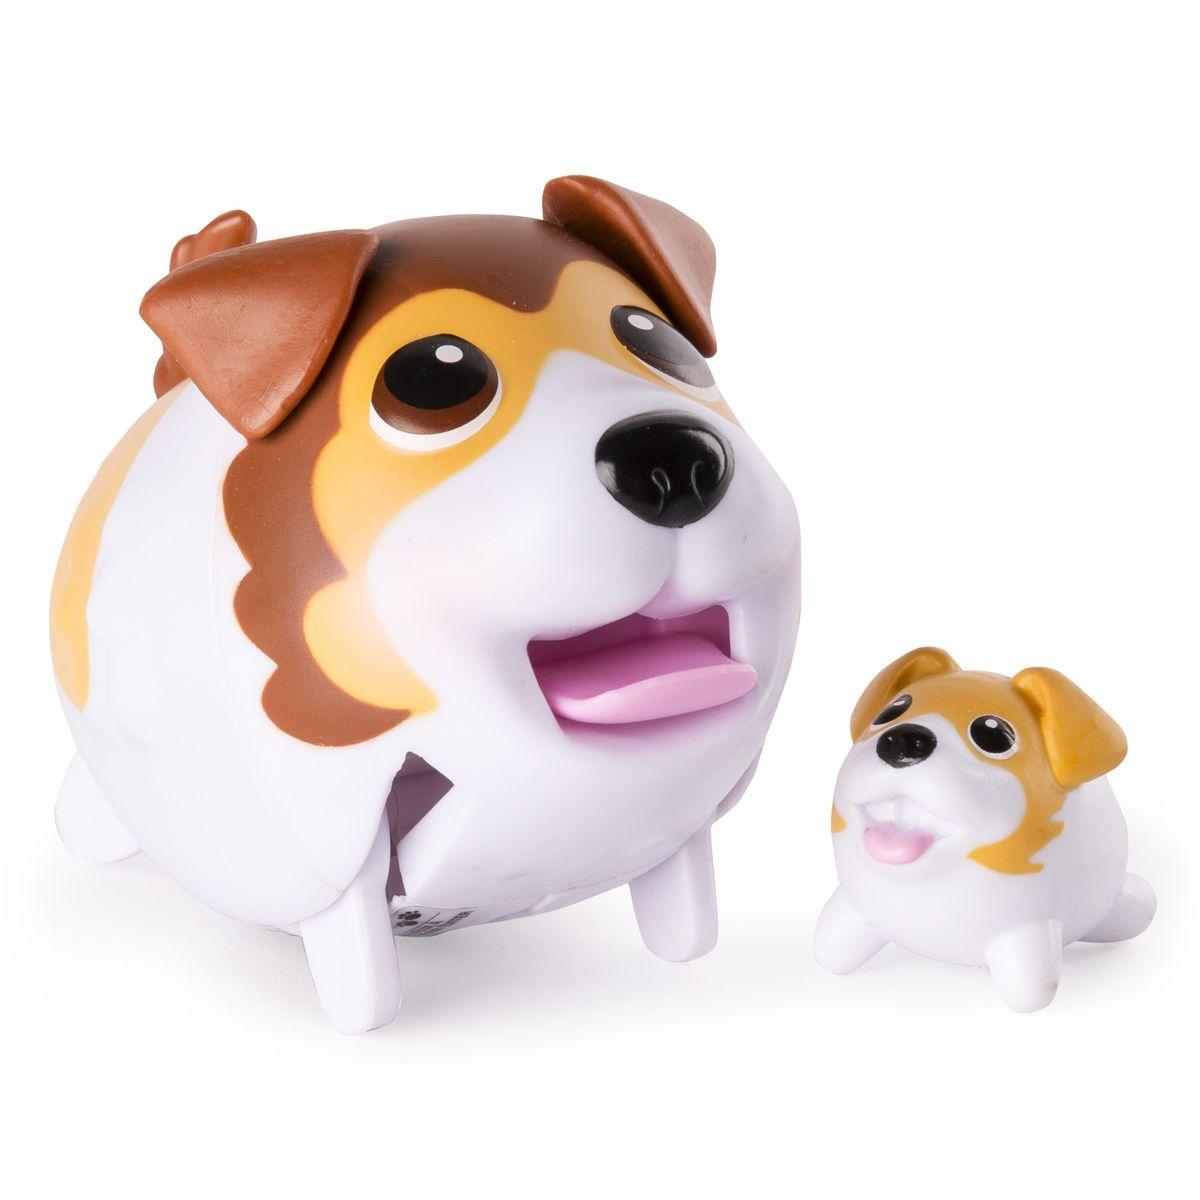 Chubby Puppies Набор фигурок Шелти56700_20075405Набор фигурок Chubby Puppies Шелти - это функциональная фигурка забавной собачки и её точная миниатюрная копия, которые наверняка понравятся вашему ребенку. Шелти умеет забавно передвигаться, шагая вразвалку, благодаря чему игра с ним становится еще более интересной и увлекательной. Фигурка не только ходит, но и смешно прыгает! Язык, хвостик и ушки у собачки подвижные. Набор предназначен для увлекательной сюжетно-ролевой игры и выглядит очень ярко и эффектно. Набор выполнен из качественного пластика и совершенно безопасен для здоровья вашего ребенка. Порадуйте вашего малыша таким замечательным подарком! Для работы требуется 1 батарейка напряжением 1,5 V типа ААА (входит в комплект).